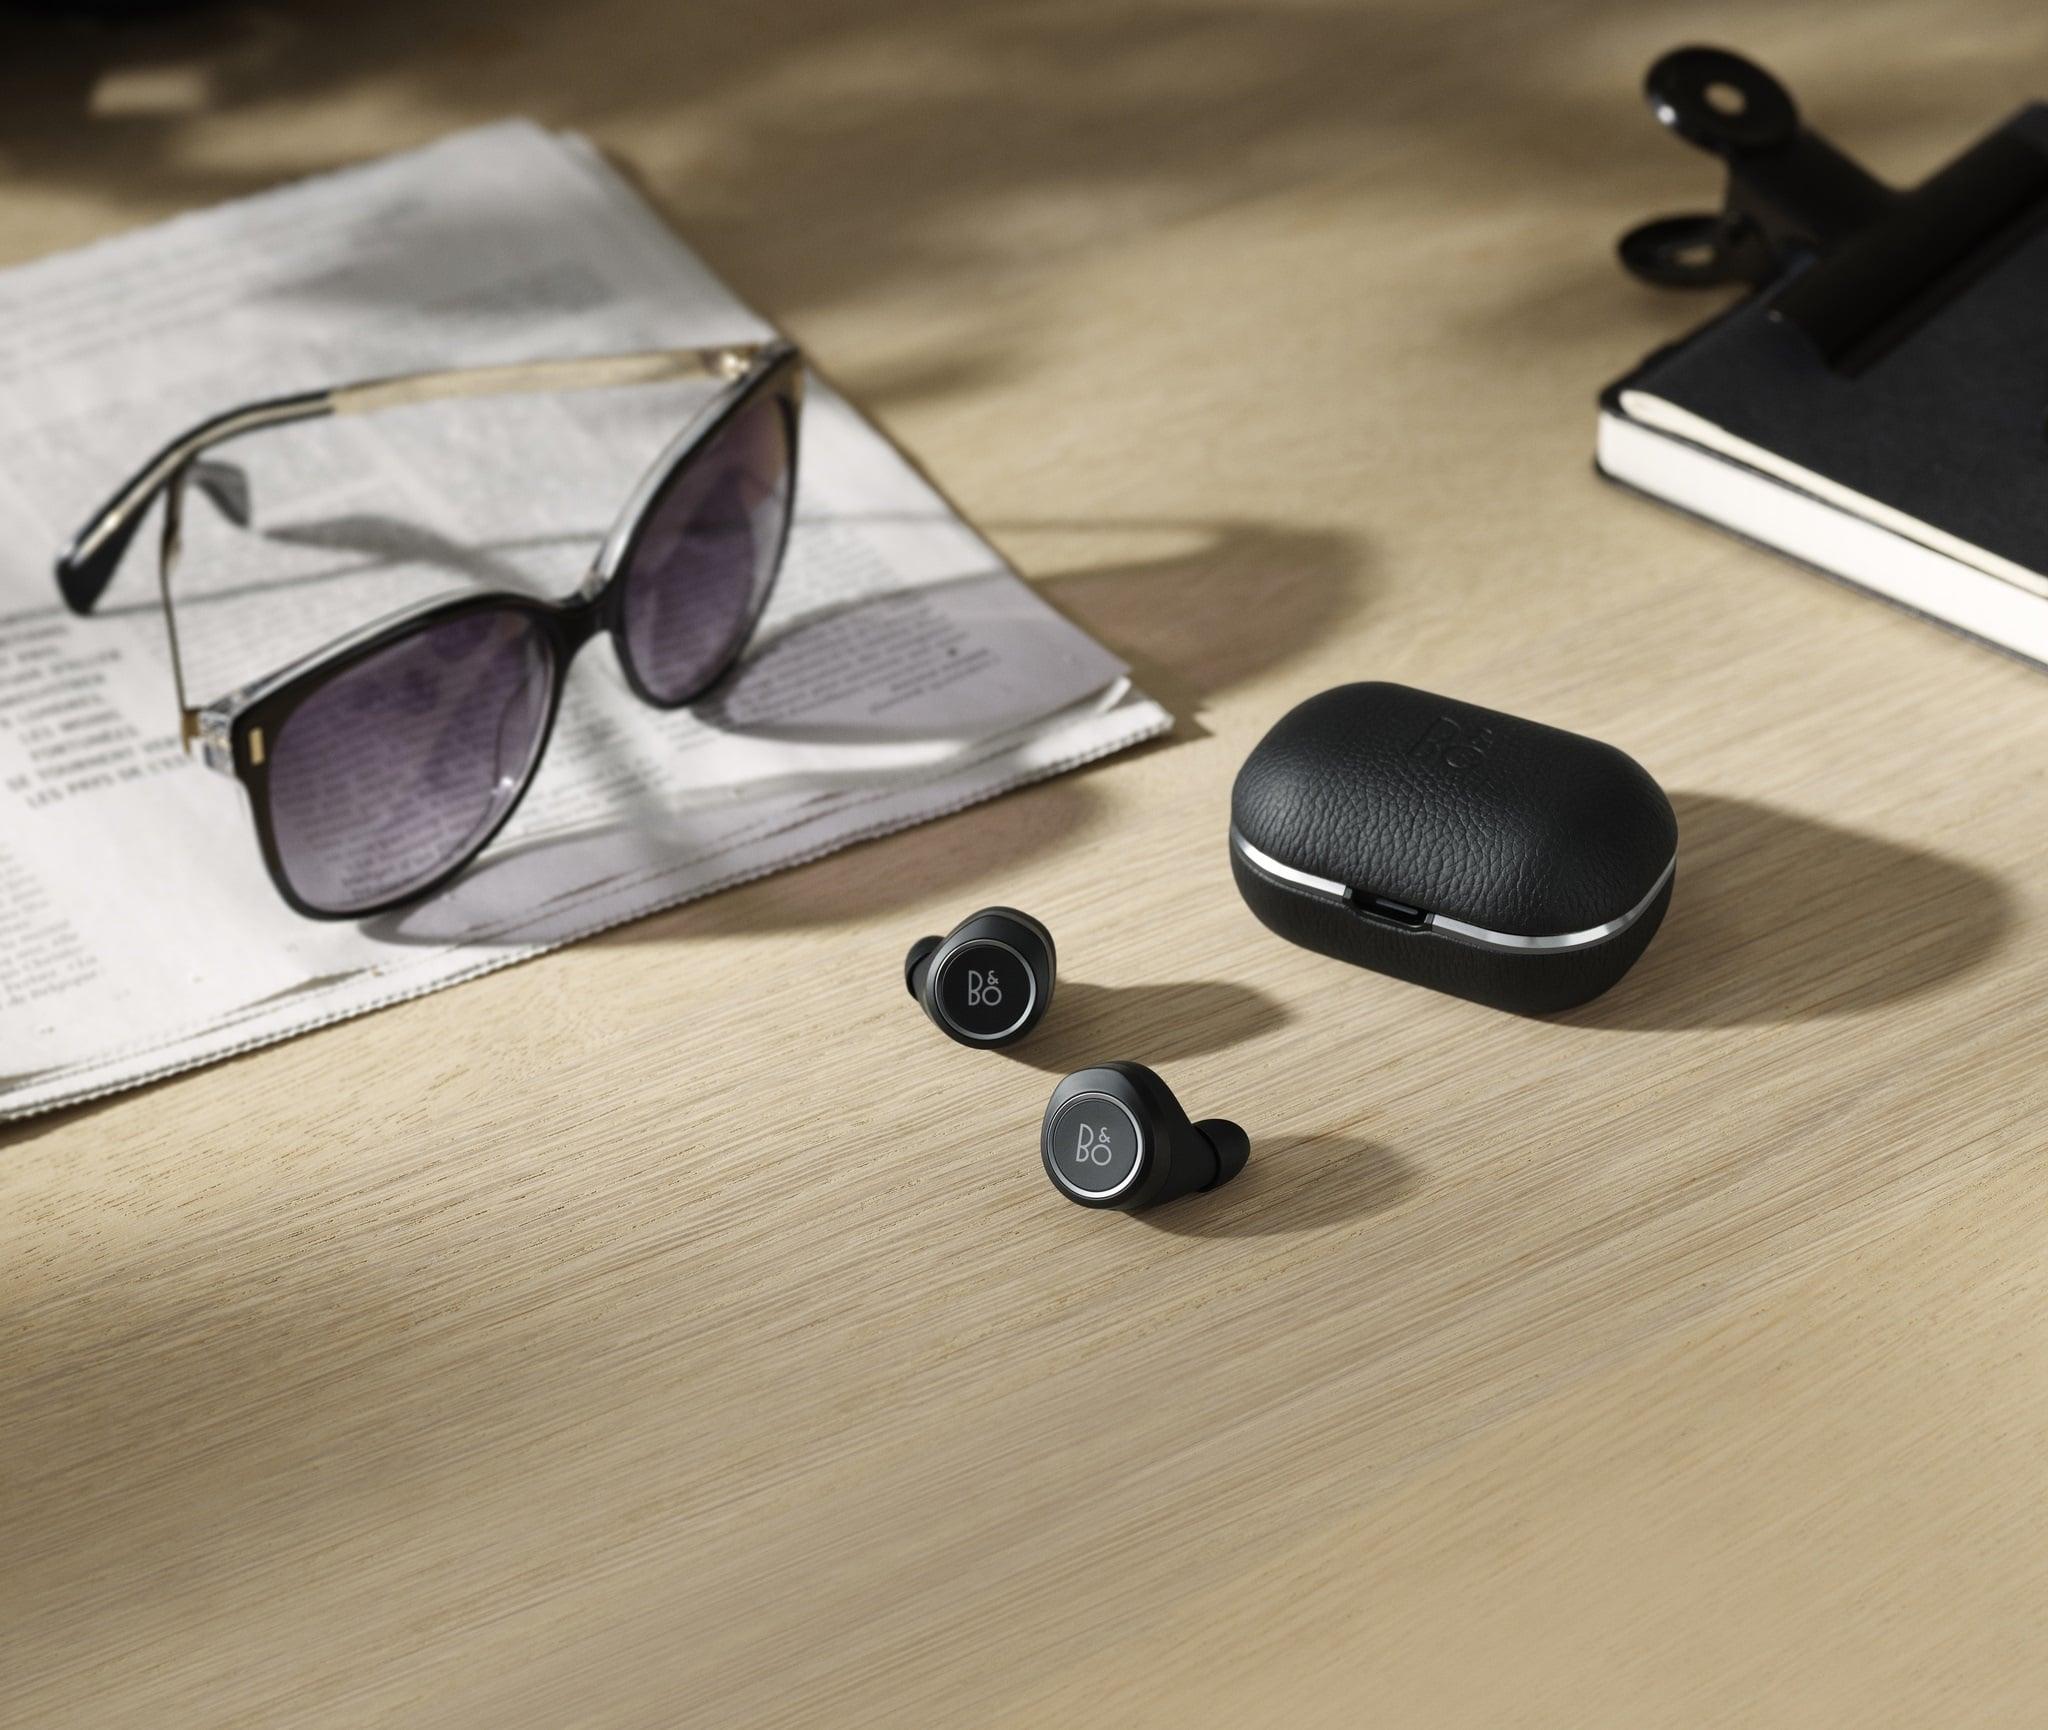 Bang & Olufsen zaprezentował nowe słuchawki bezprzewodowe Beoplay E8 2.0 z ładowanym indukcyjnie etui 22